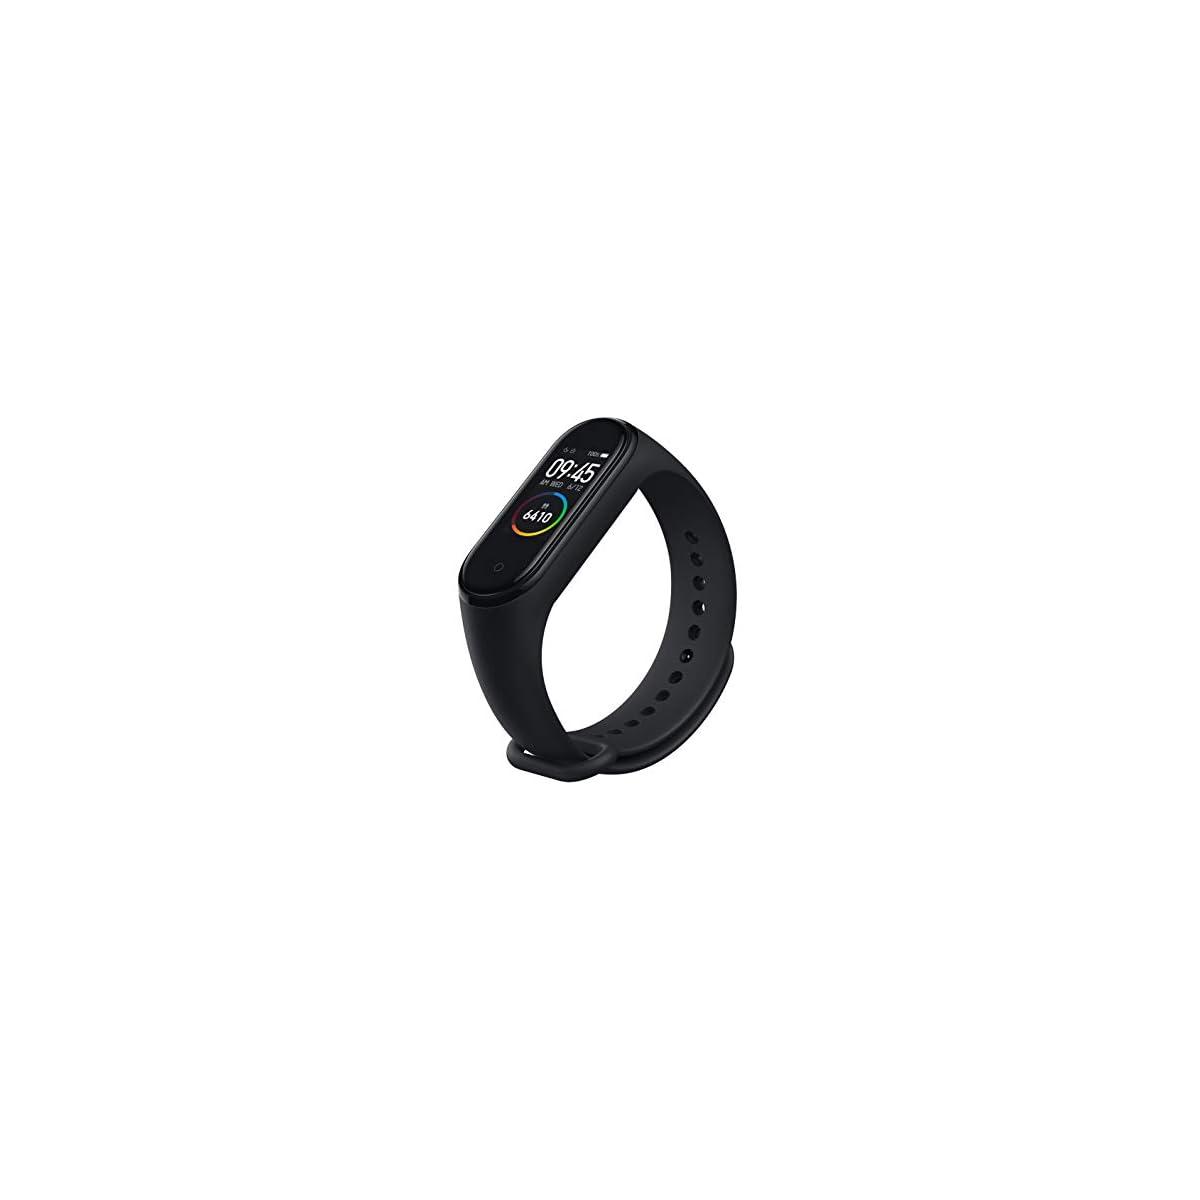 31iU3z7OeyL. SS1200  - Xiaomi Mi Smart Band 4 - Tracker de actividad física con medidor de frecuencia cardíaca - Negro - Unisex